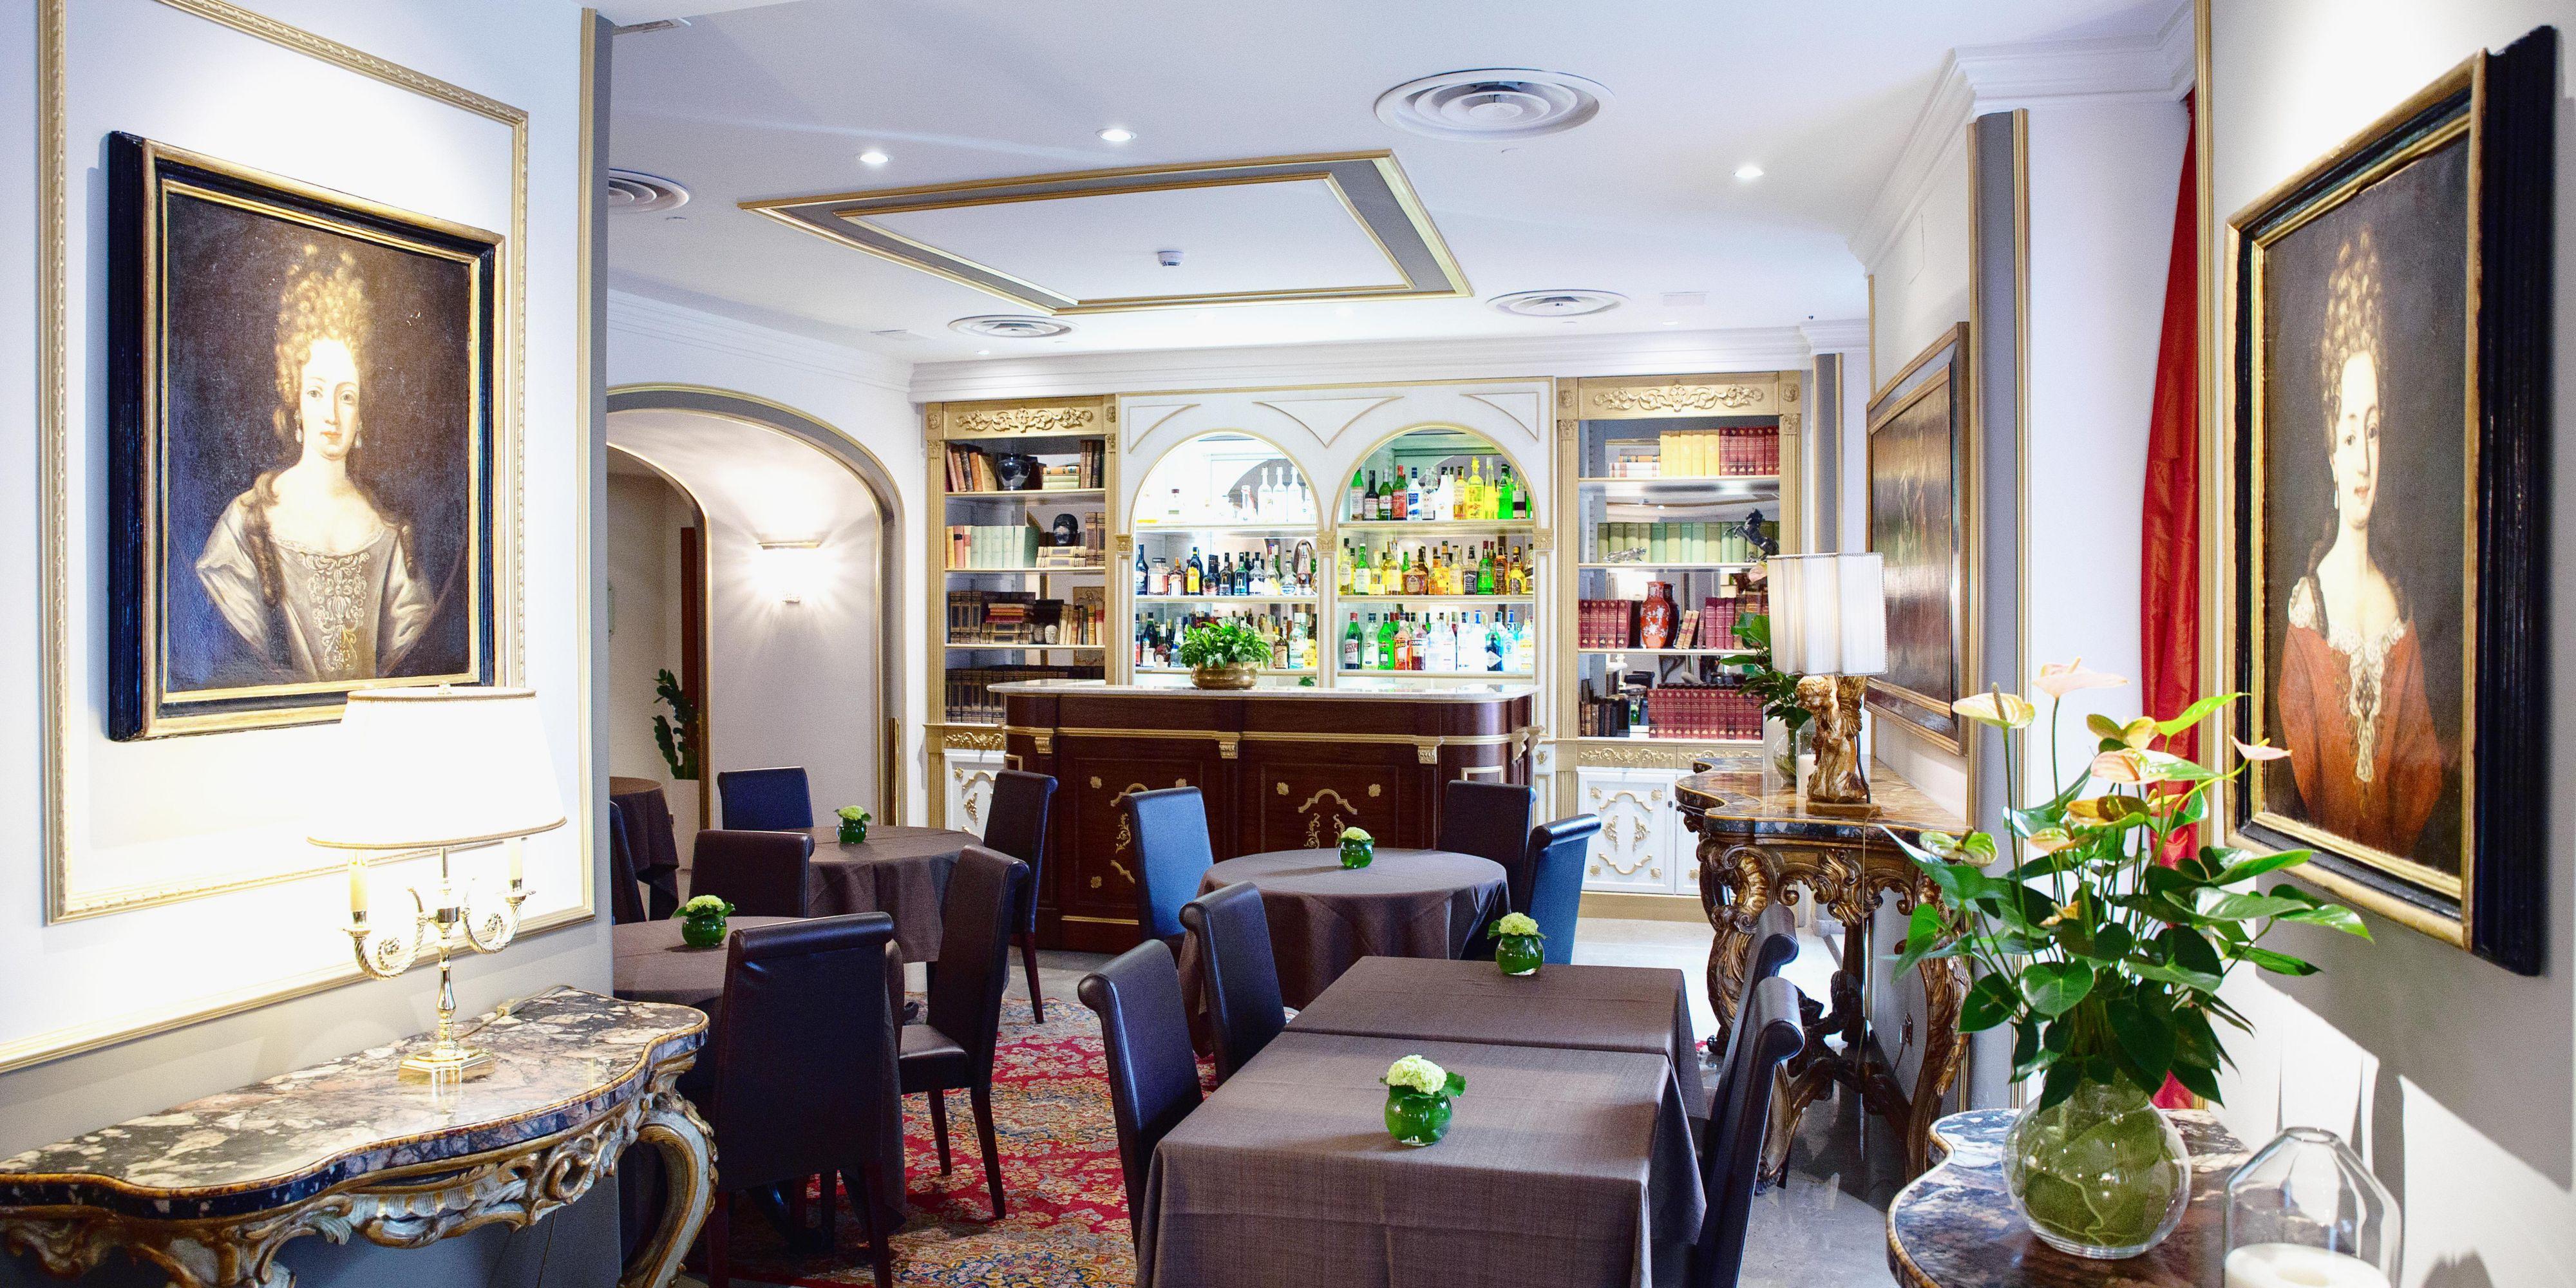 Rome Hotels: InterContinental De La Ville Roma Hotel in Rome, Italy